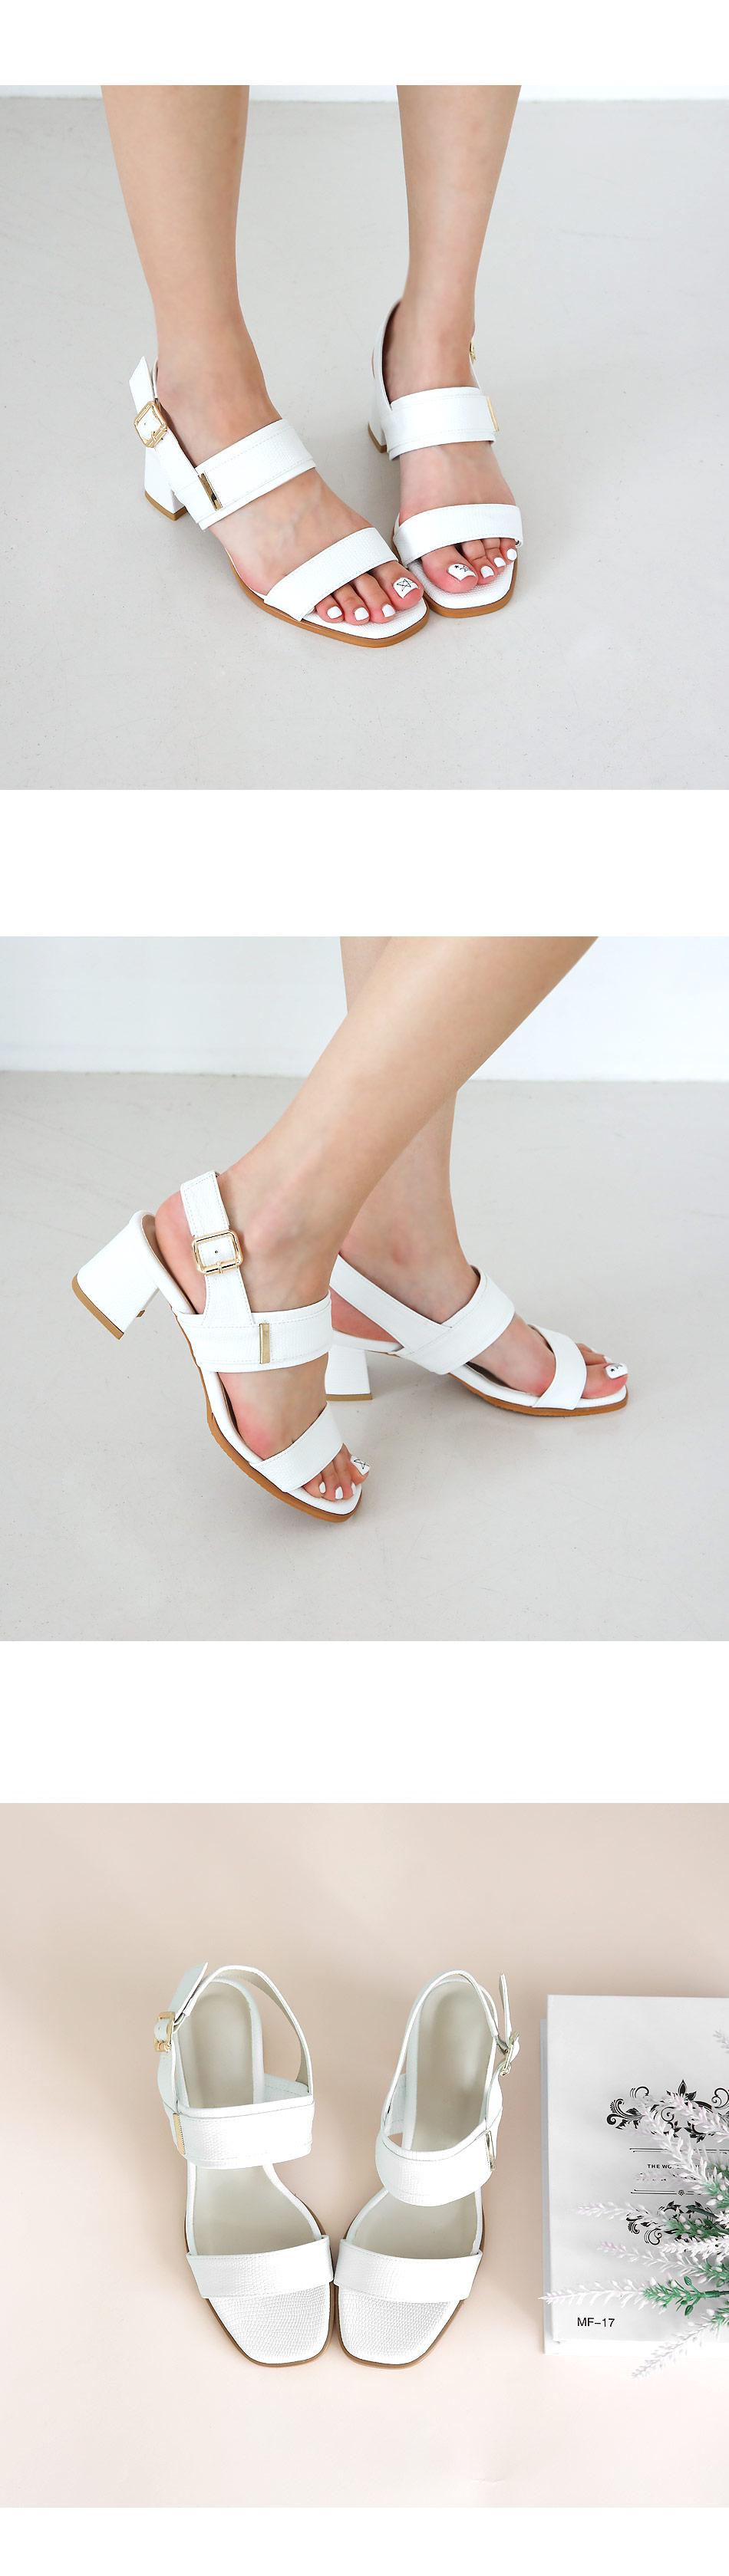 Rugens Slingback Sandals 5cm